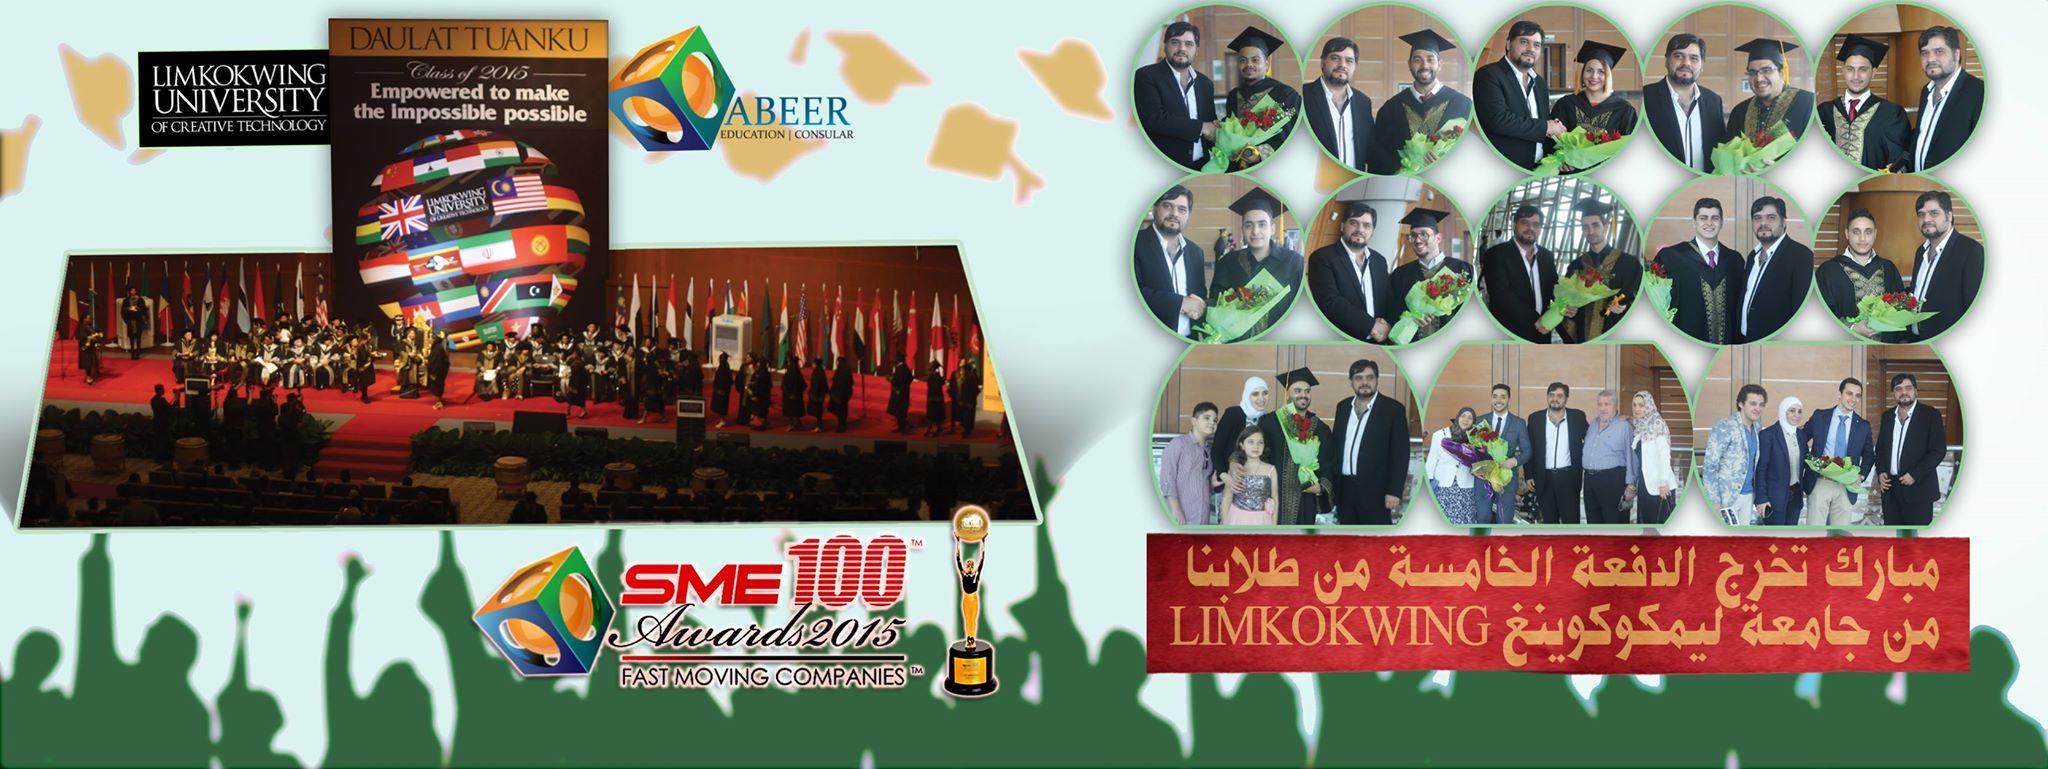 مبارك لطلاب شركة عبير للدراسة في ماليزيا المتخرجين من جامعة ليمكوكوينغ